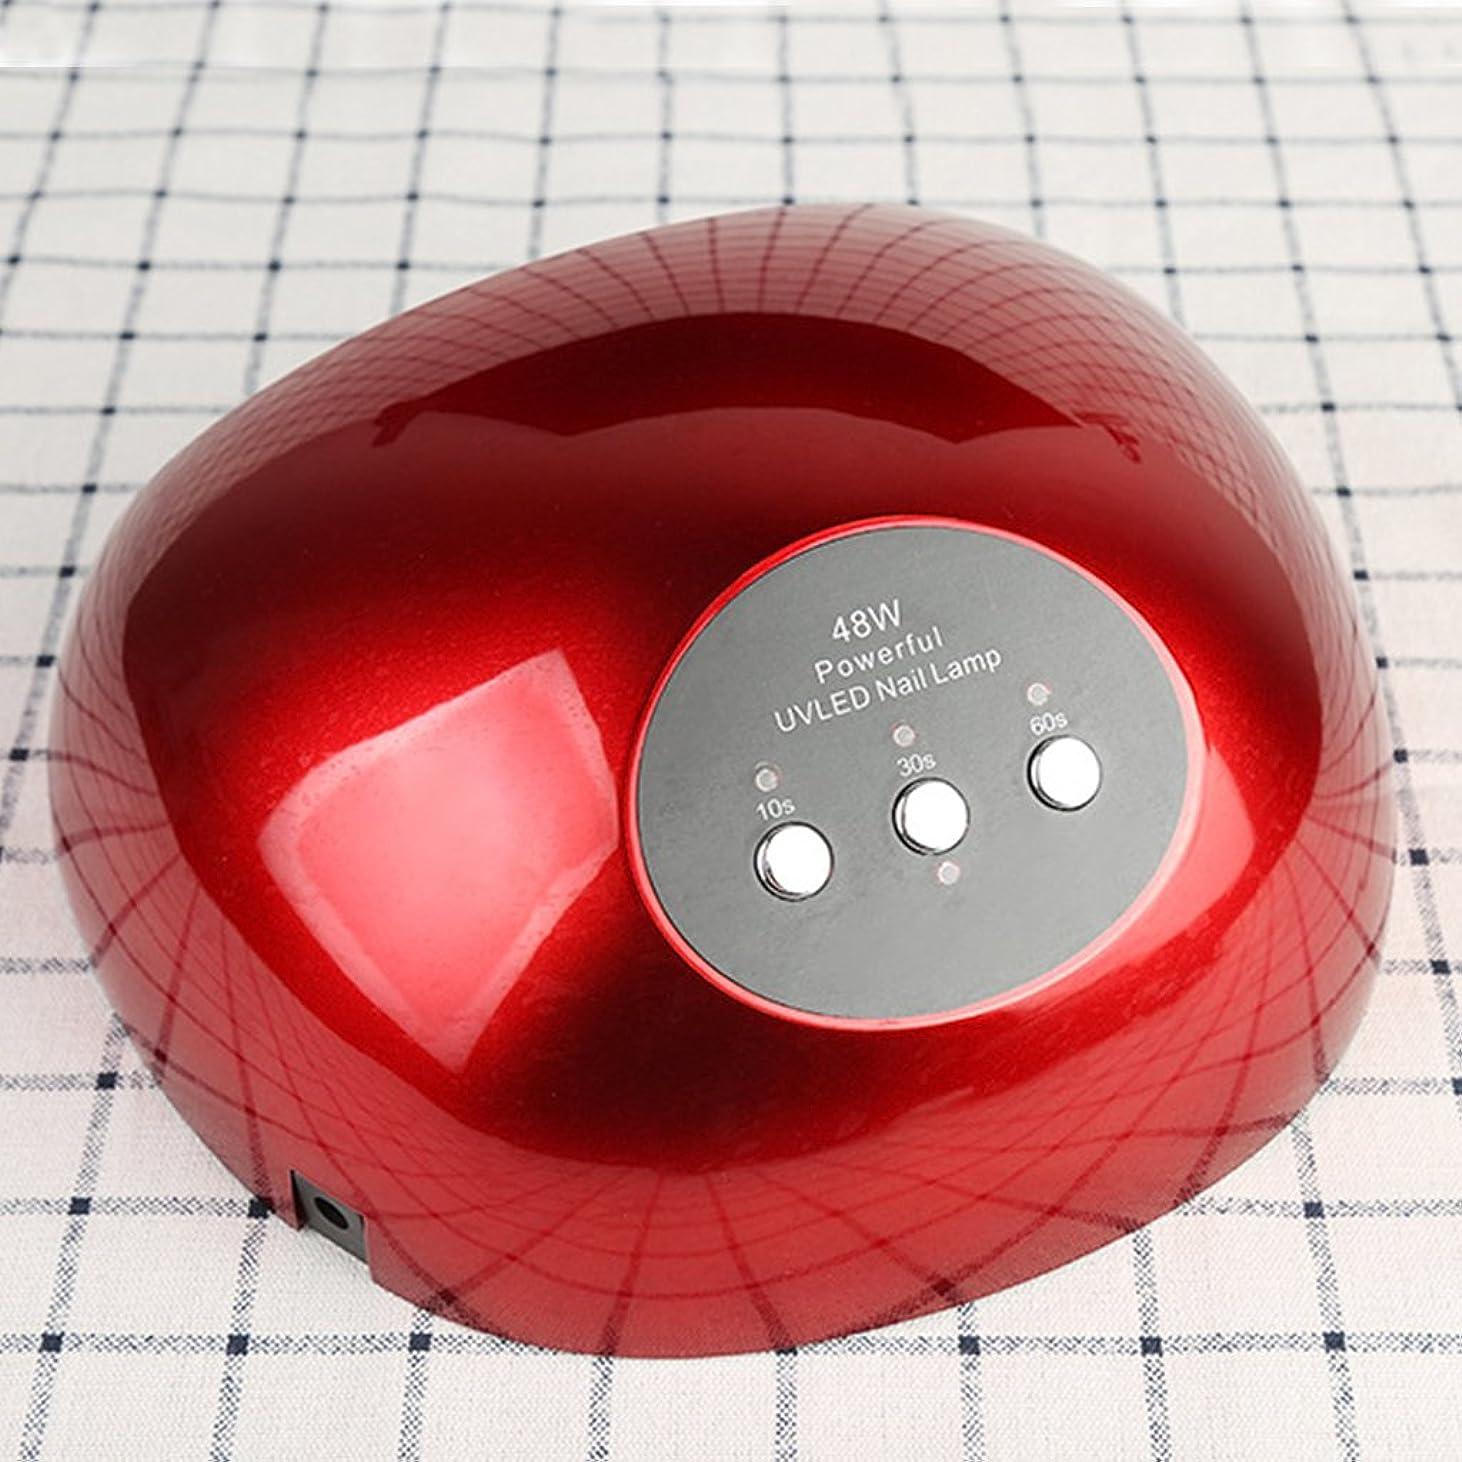 世界記録のギネスブックスノーケルヒロインLED UVネイルランプ48Wネイルドライヤーマニキュアジェルネイルポリッシュ用3タイマー設定10秒/ 30秒/ 60秒、ポータブルジェルネイルマシーン